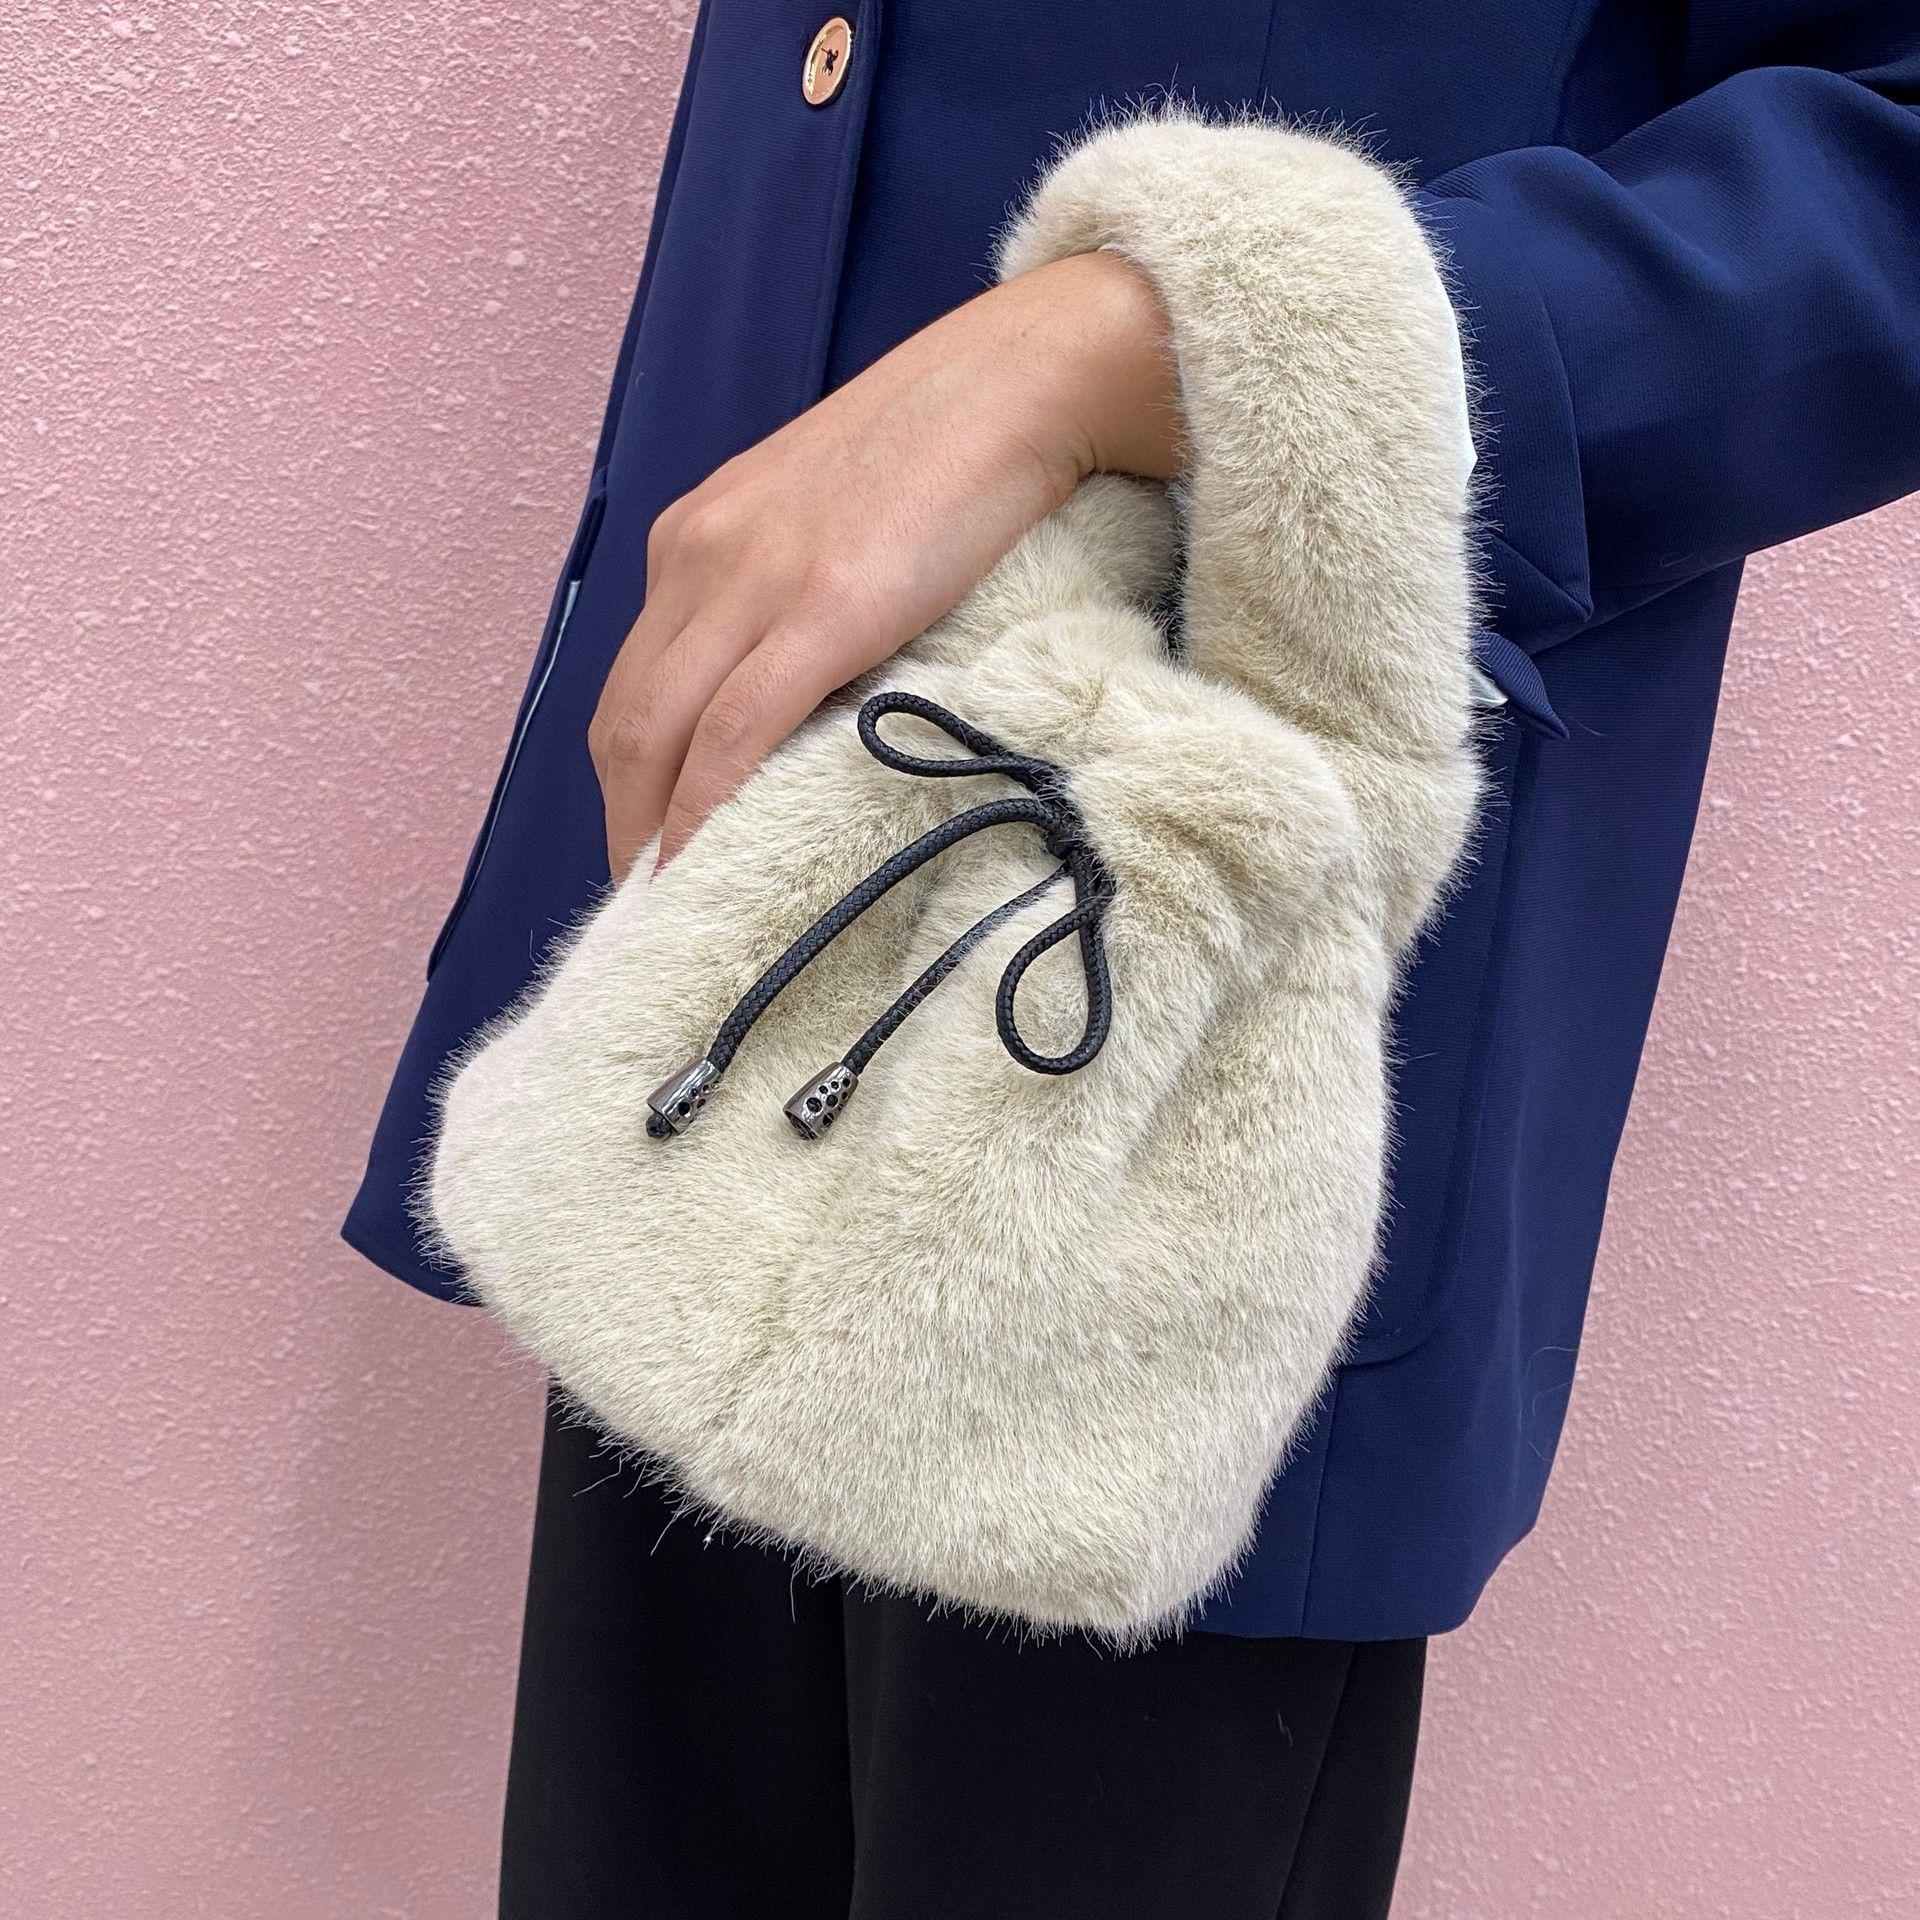 Bolsas pequenas macias de pelúcia para mulheres inverno moda senhoras balde bolsa de ombro luxo faux peles feminino embreagem bolsa mini tote q1129